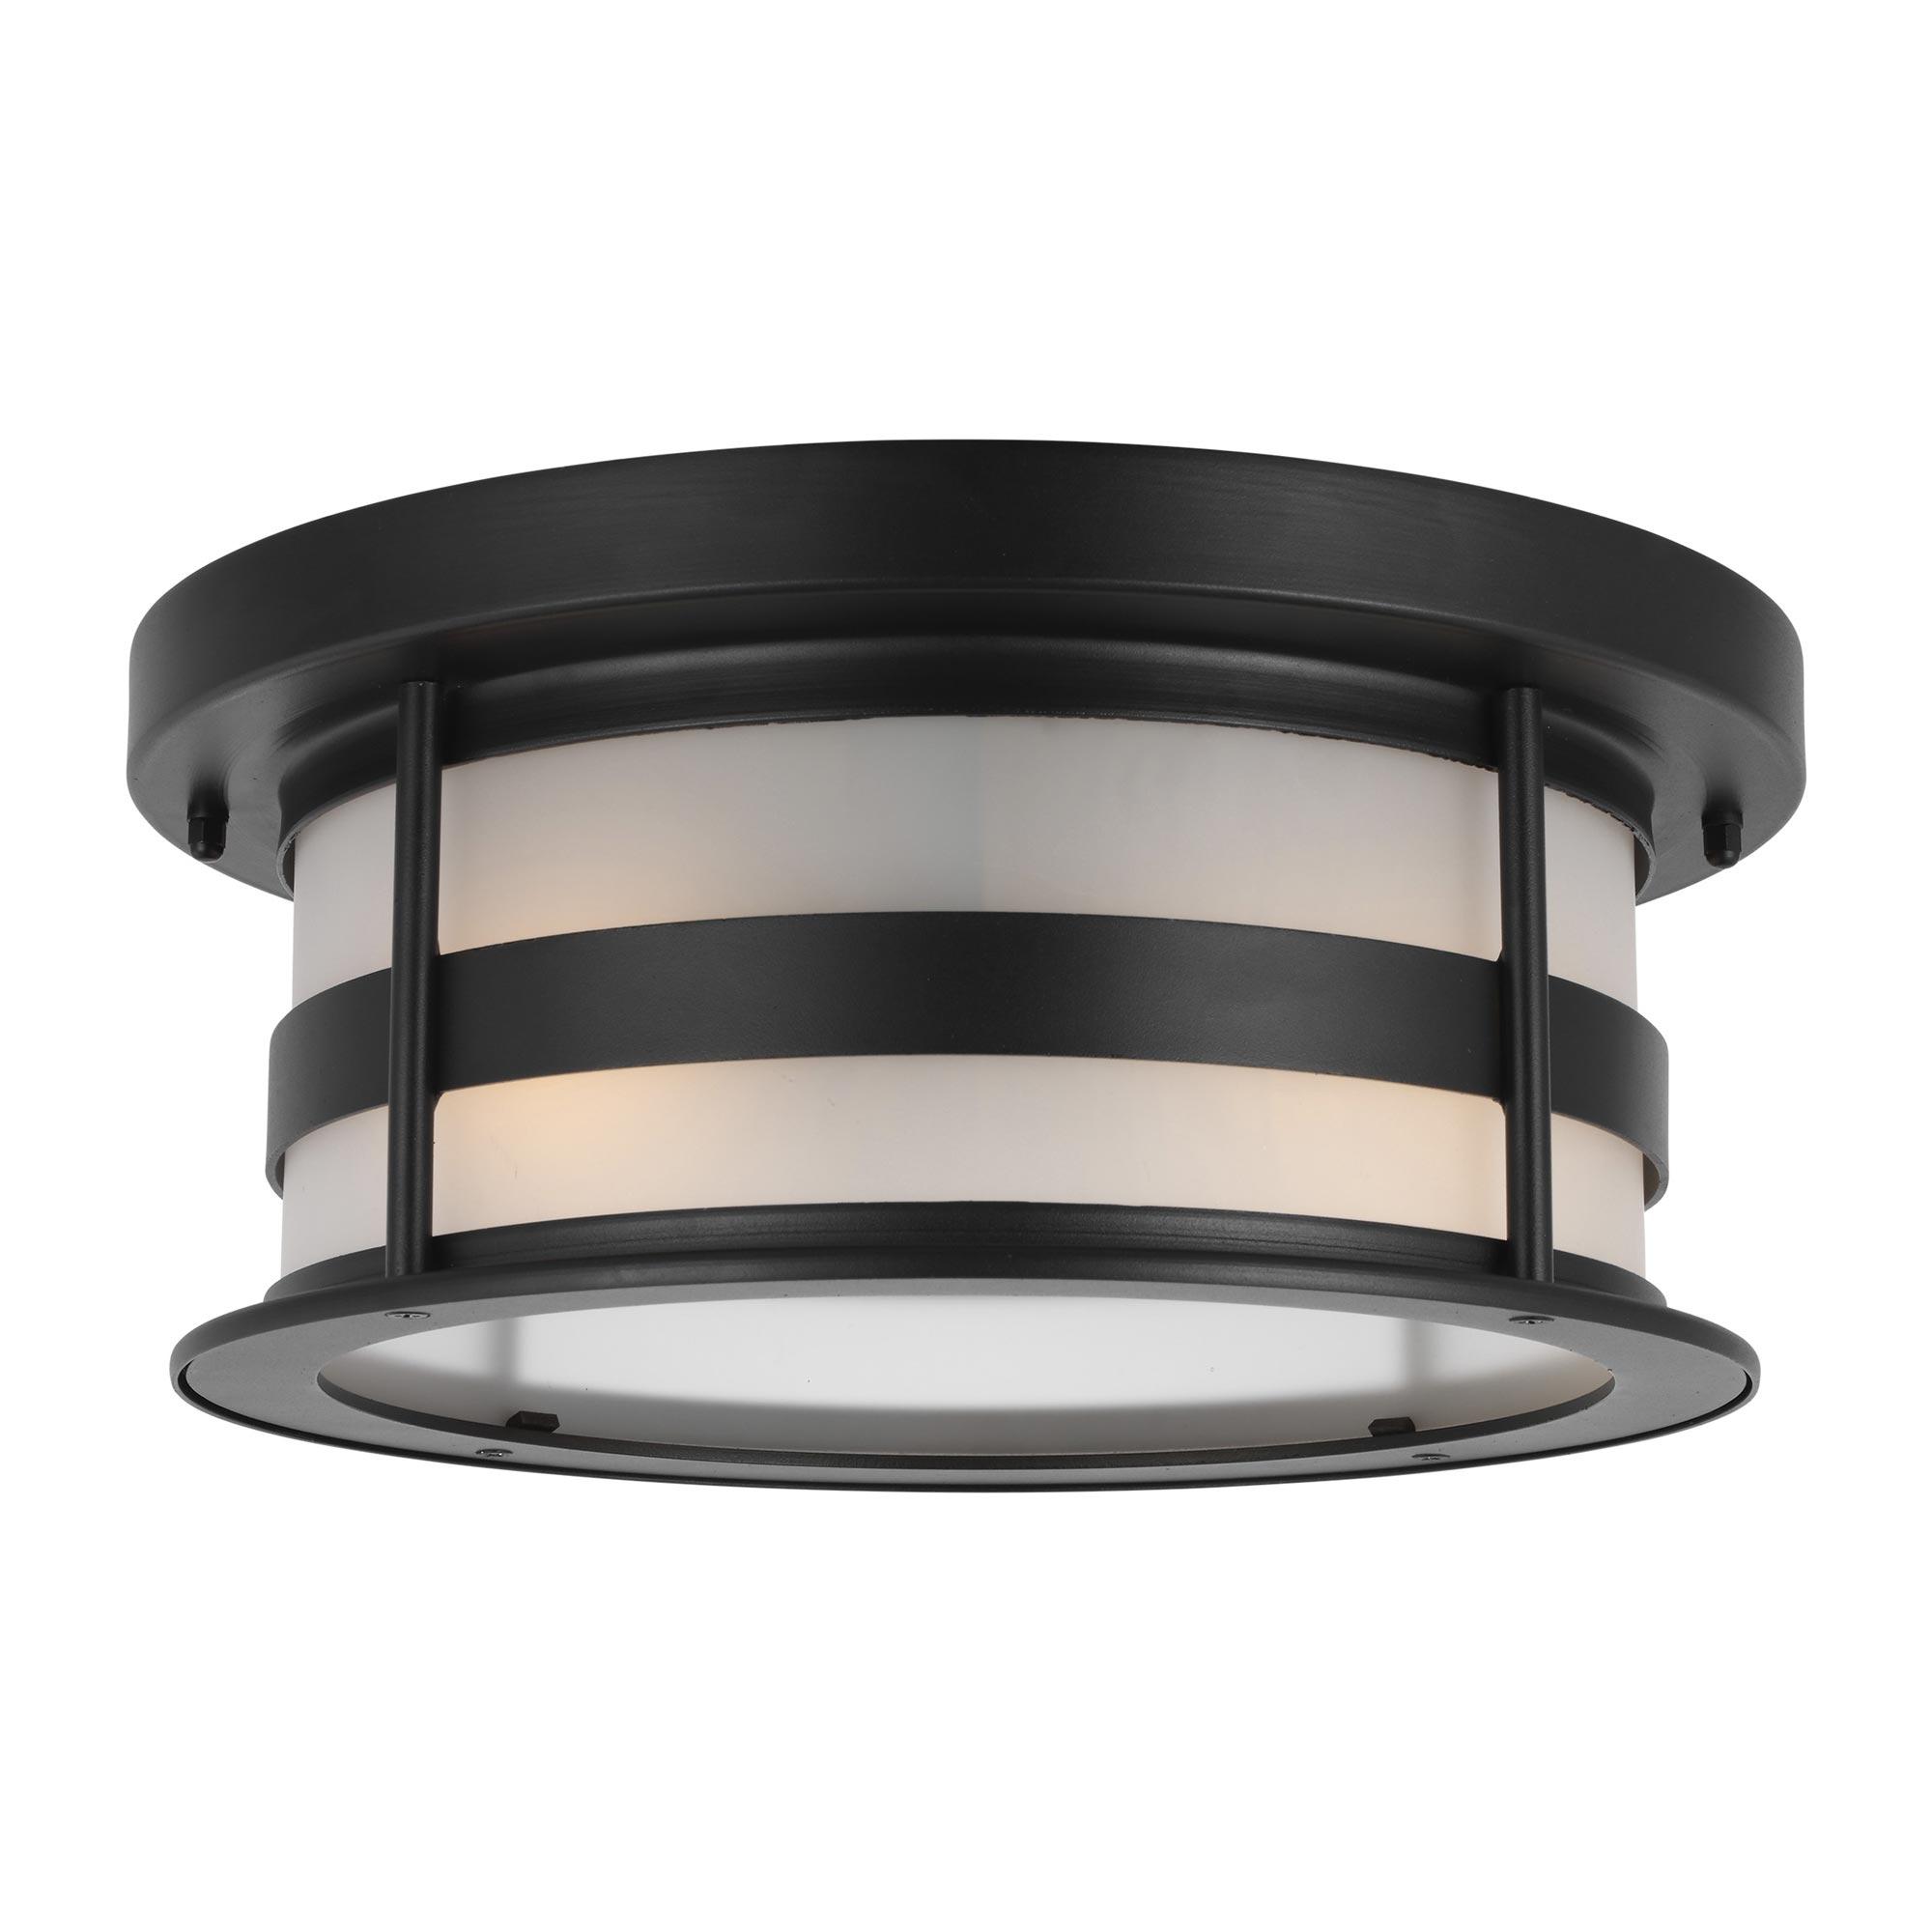 Wilburn Outdoor Flush Ceiling Light By Sea Gull Lighting 7890902 12